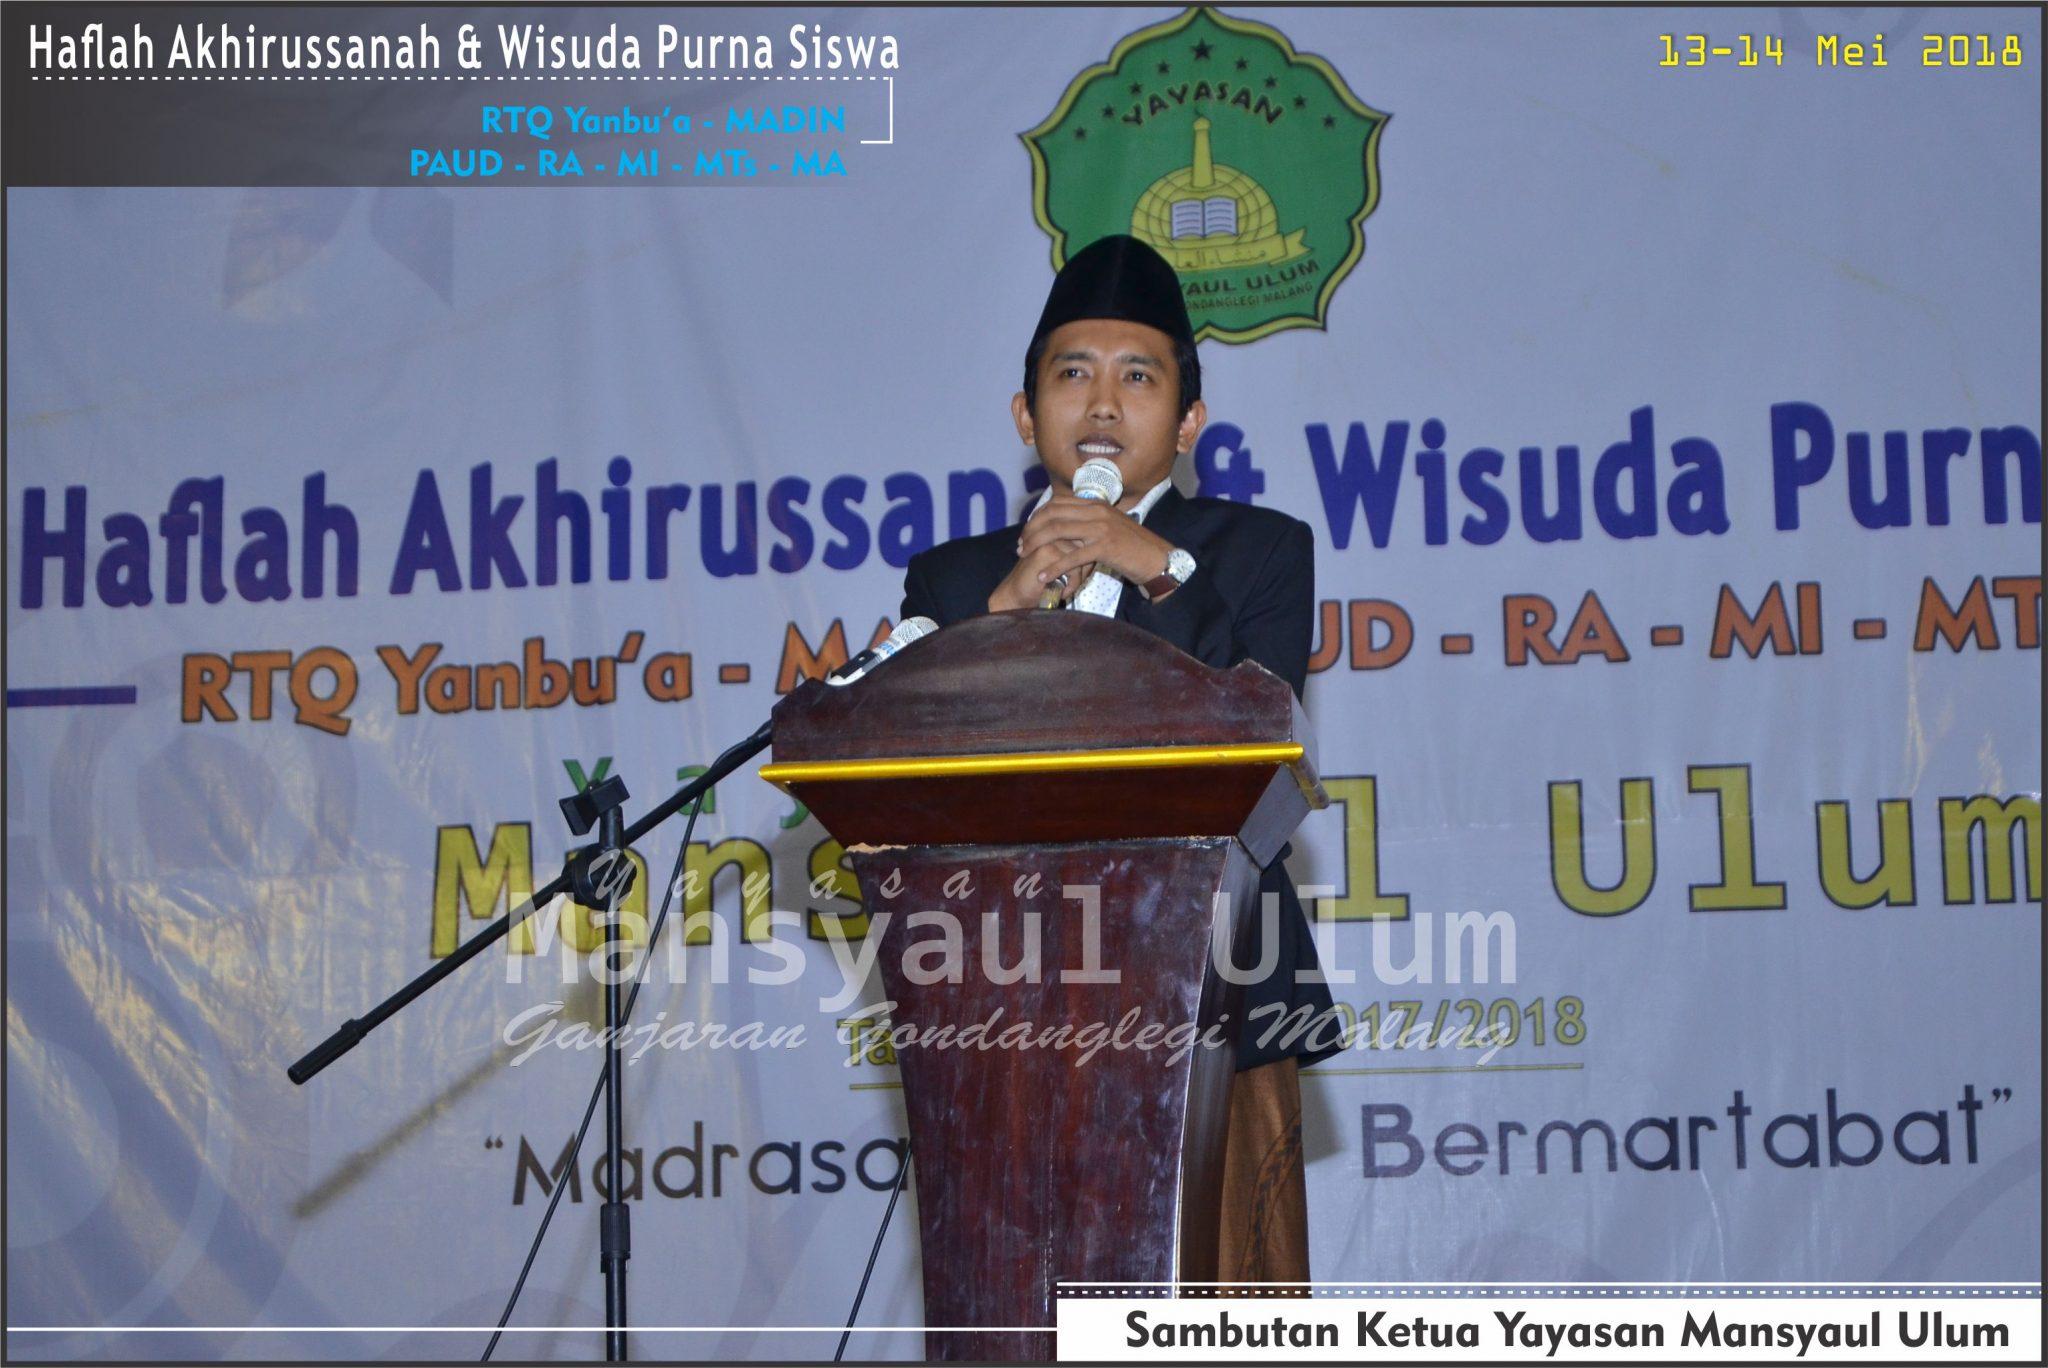 Doc. Haflah Akhirussanah & Wisuda Purna Siswa (13-14 Mei 2018)